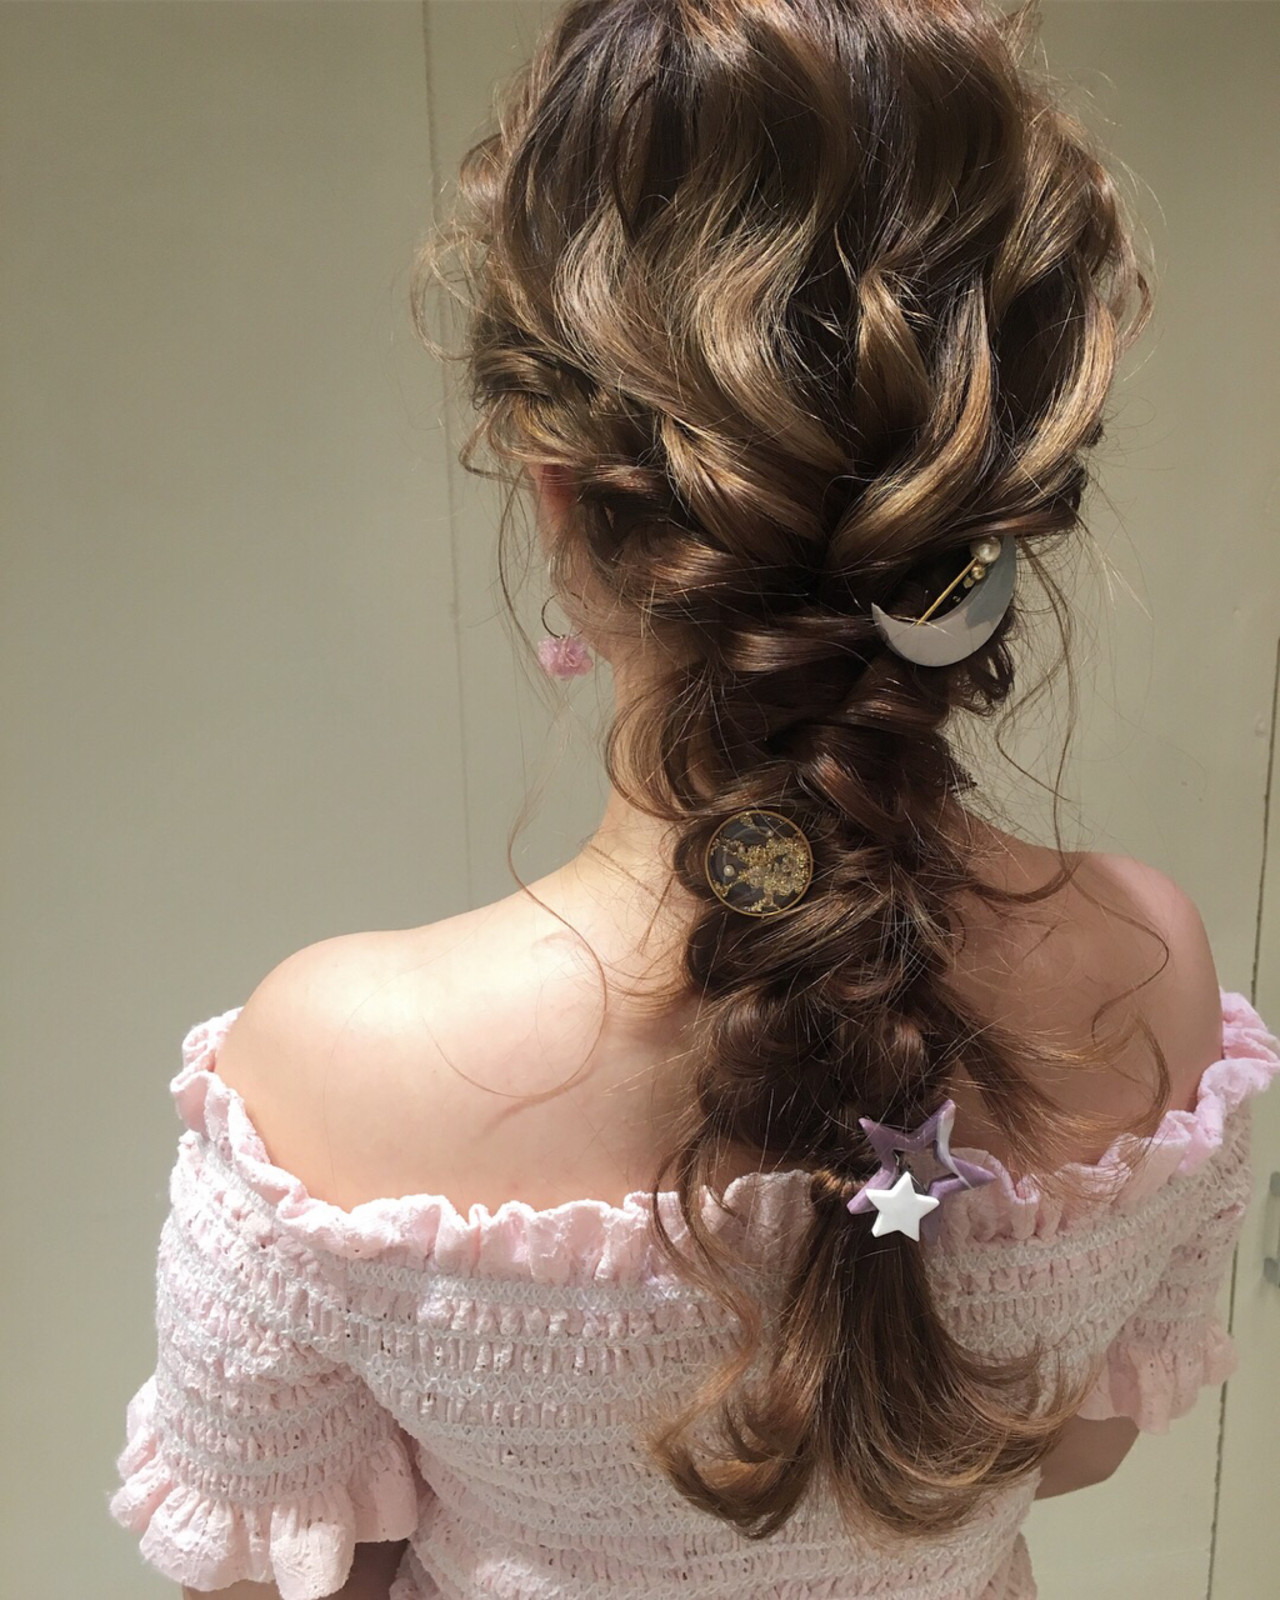 ロング ヘアアレンジ 編み込み ナチュラル ヘアスタイルや髪型の写真・画像 | 平川 元気 / MAPUNA